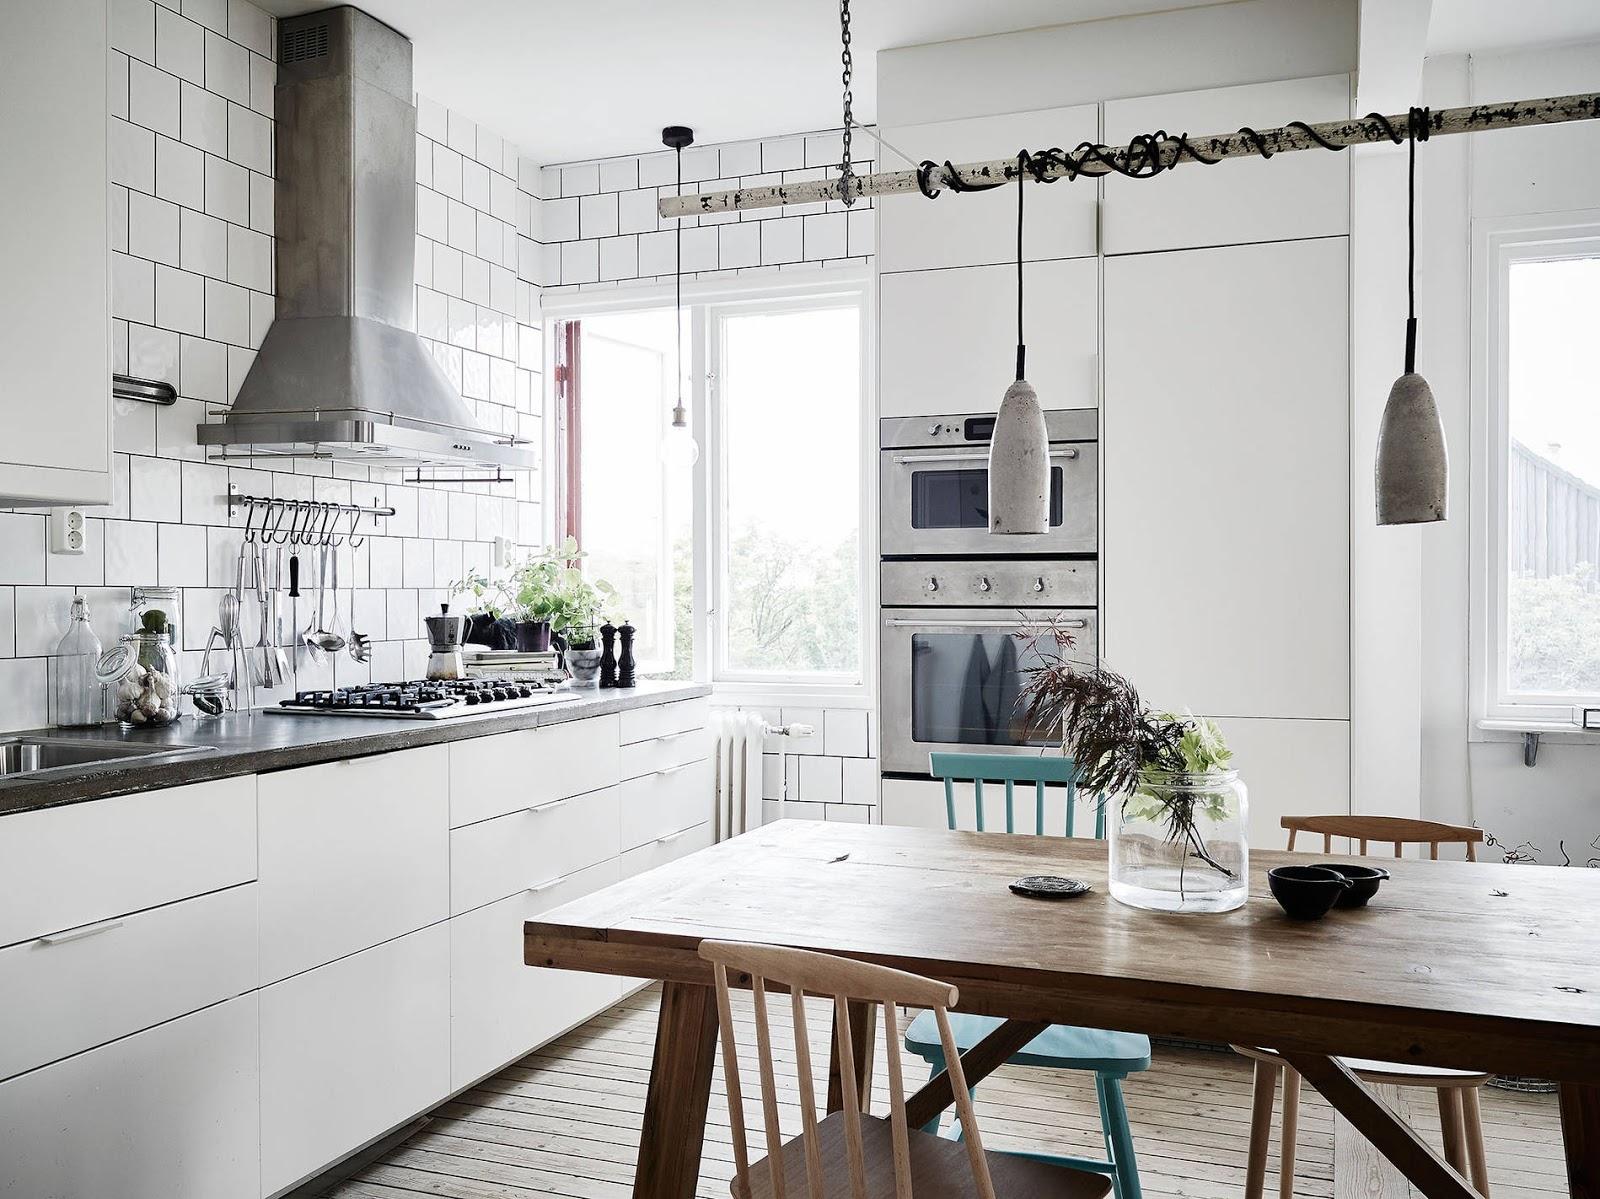 jak urządzić kuchnie w stylu skandynawskim